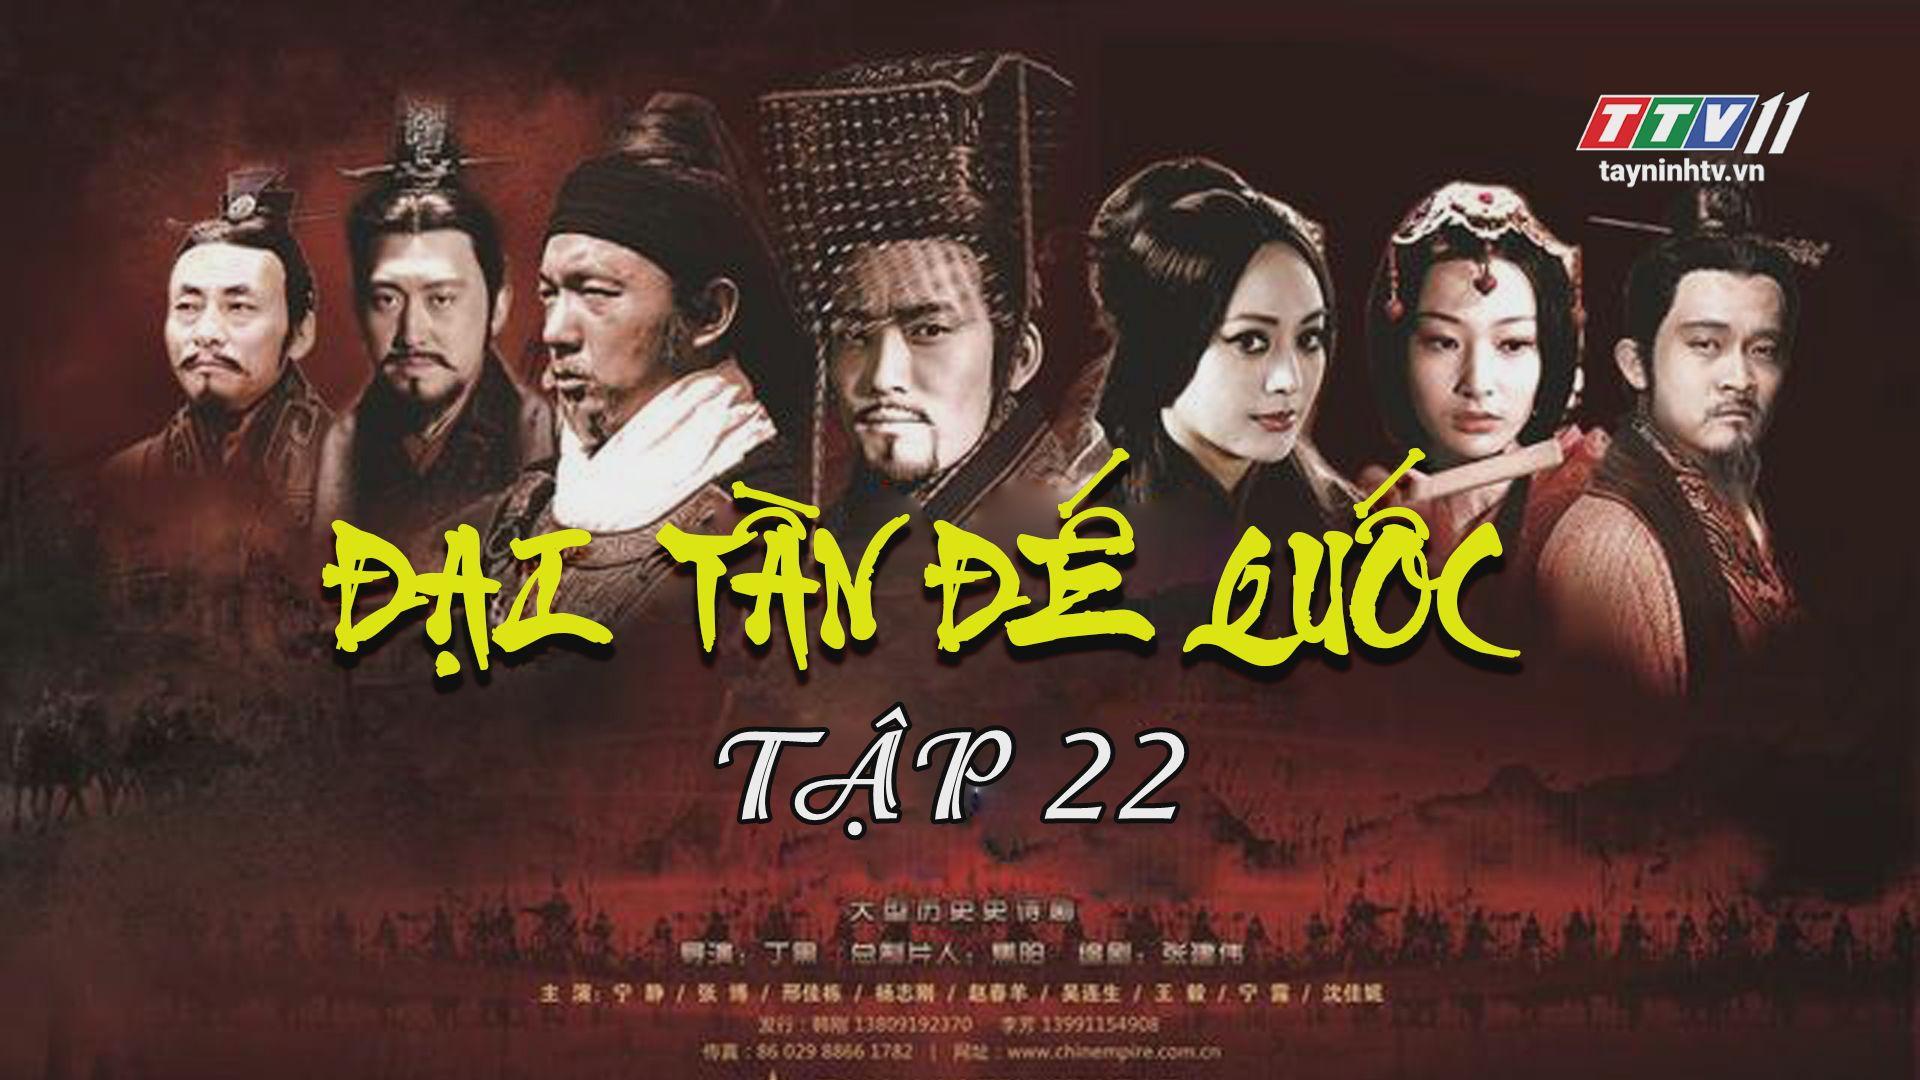 Tập 22 | ĐẠI TẦN ĐẾ QUỐC - Phần 3 | TayNinhTV